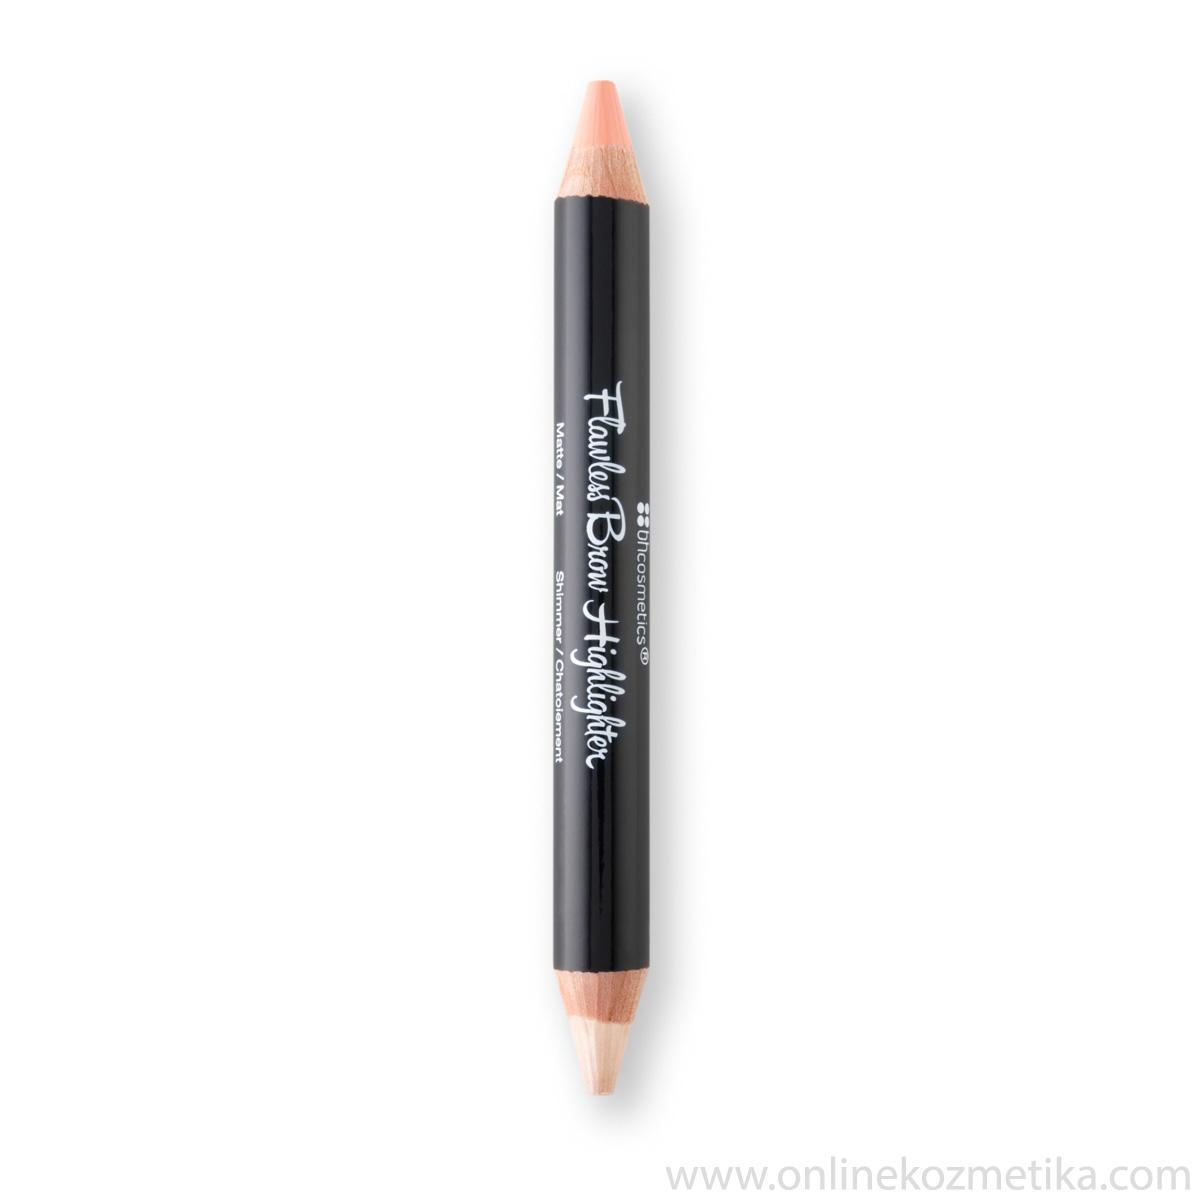 BH 1600-001 Flawless Brow olovka highlihter